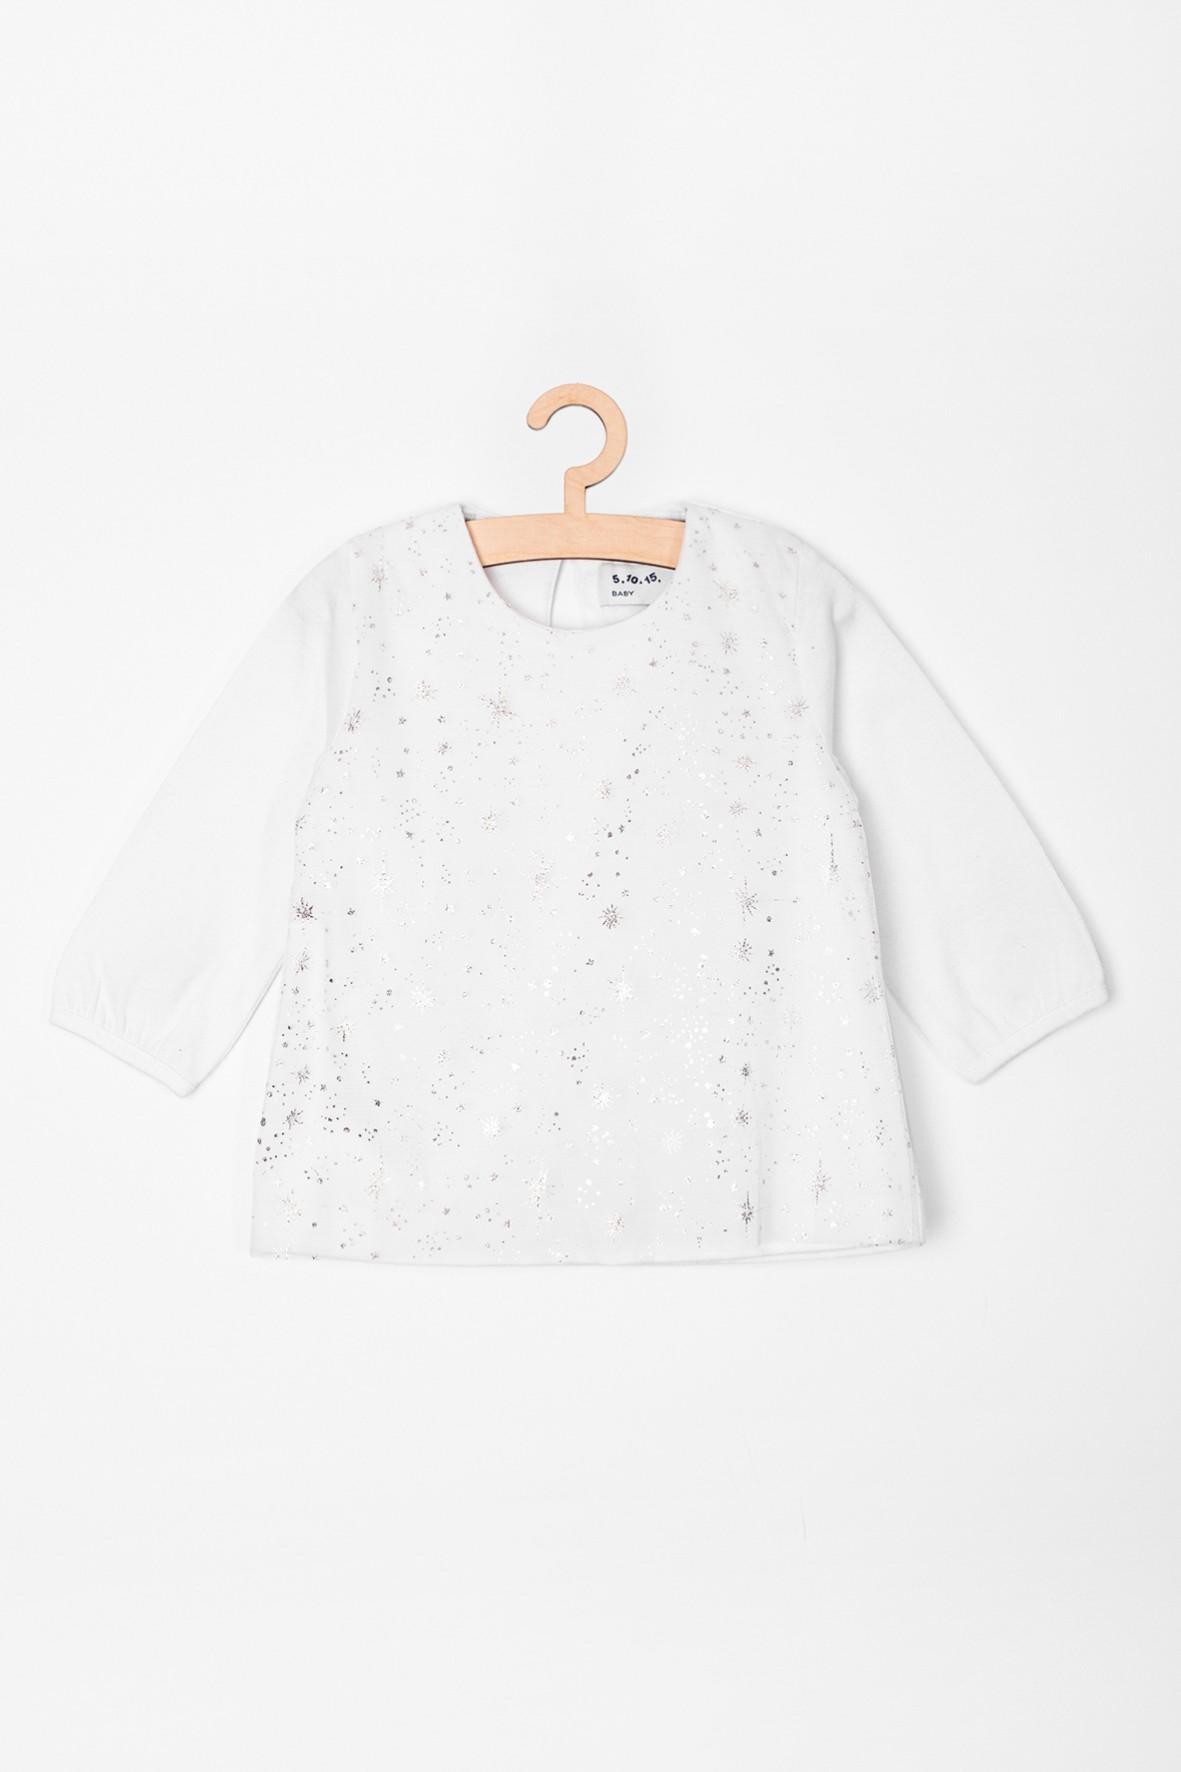 Bluzka niemowlęca biała z tiulem i srebrnymi nadrukami